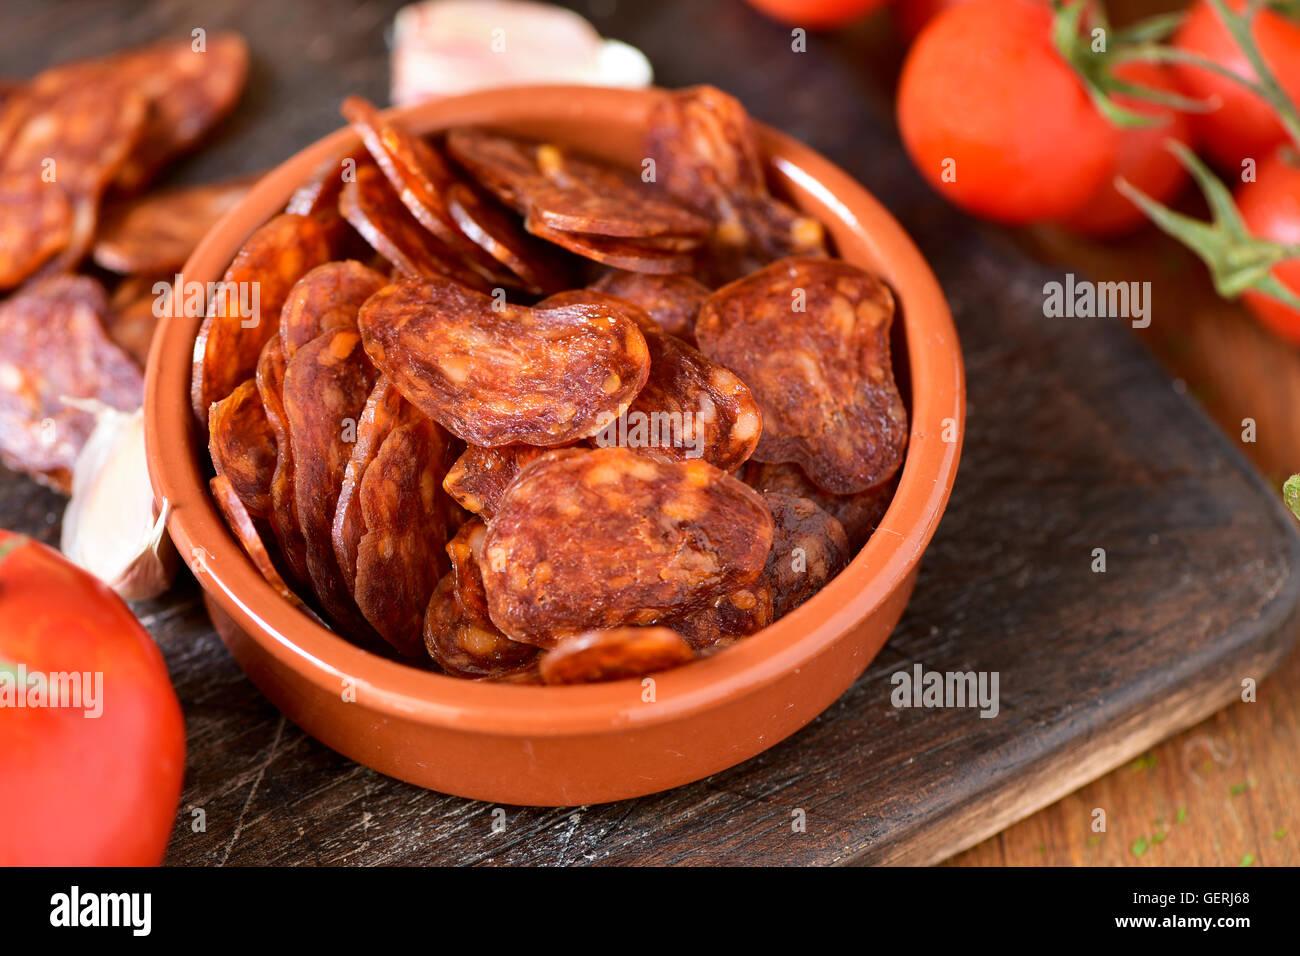 Nahaufnahme von einem Steingut-Schale mit einigen Scheiben von spanischen Chorizo, eine Wurst aus Schweinefleisch Stockbild